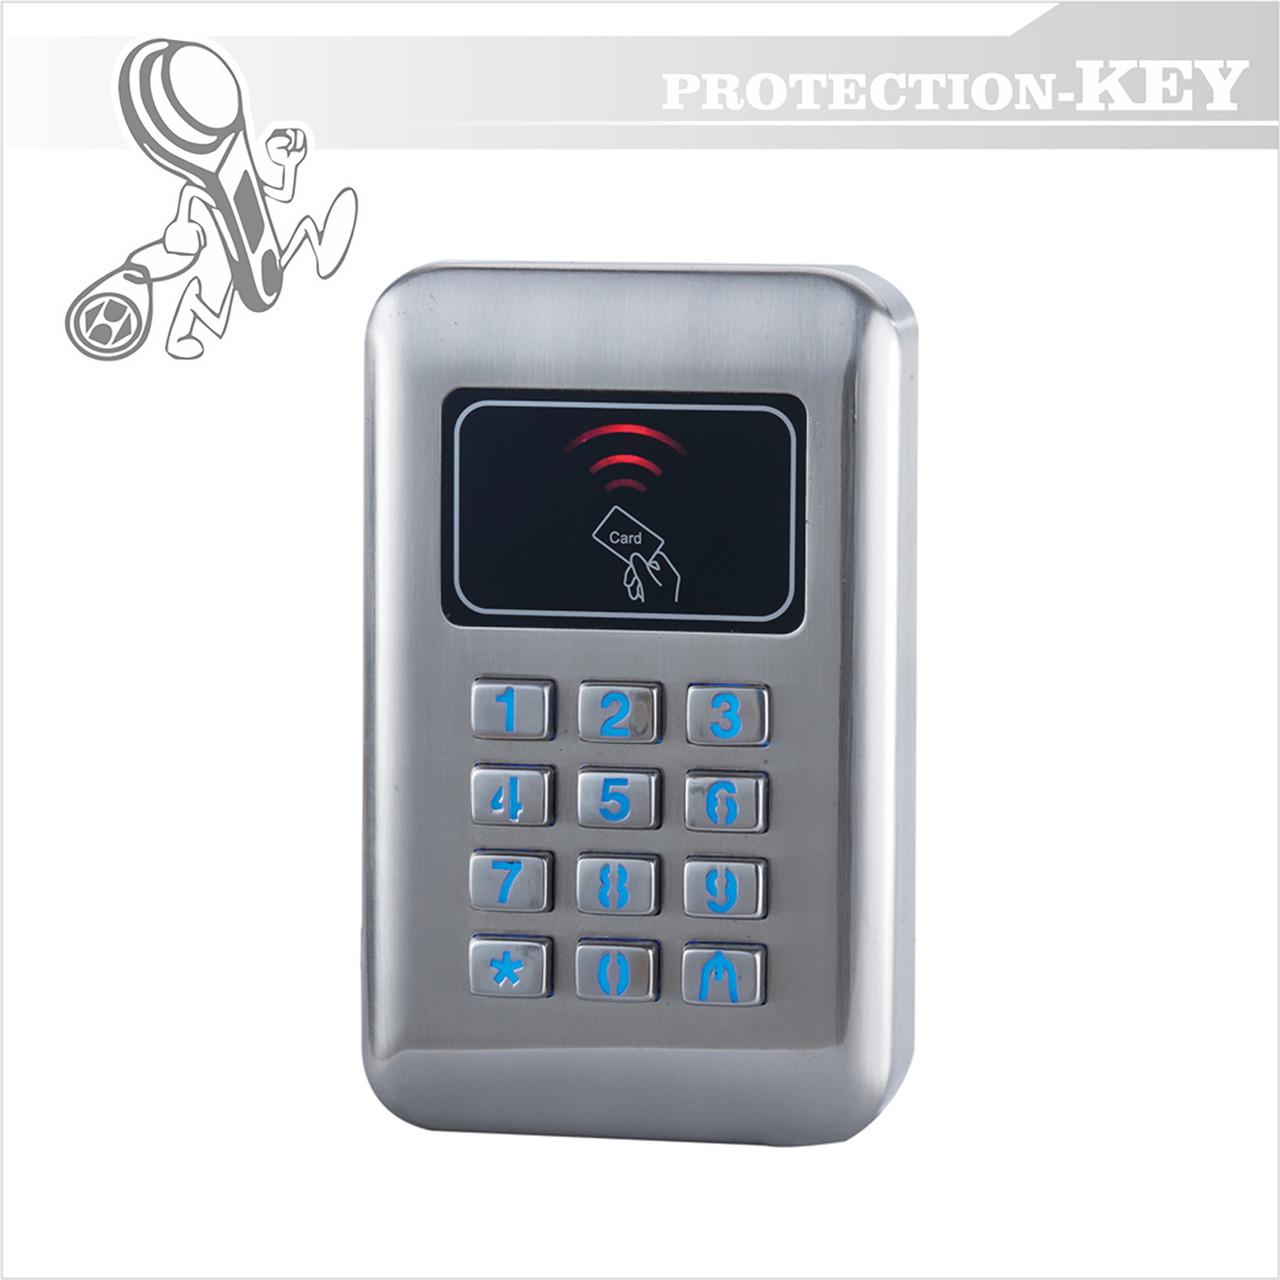 Кодовая клавиатура PK-A702EW (125 kHz) внешняя